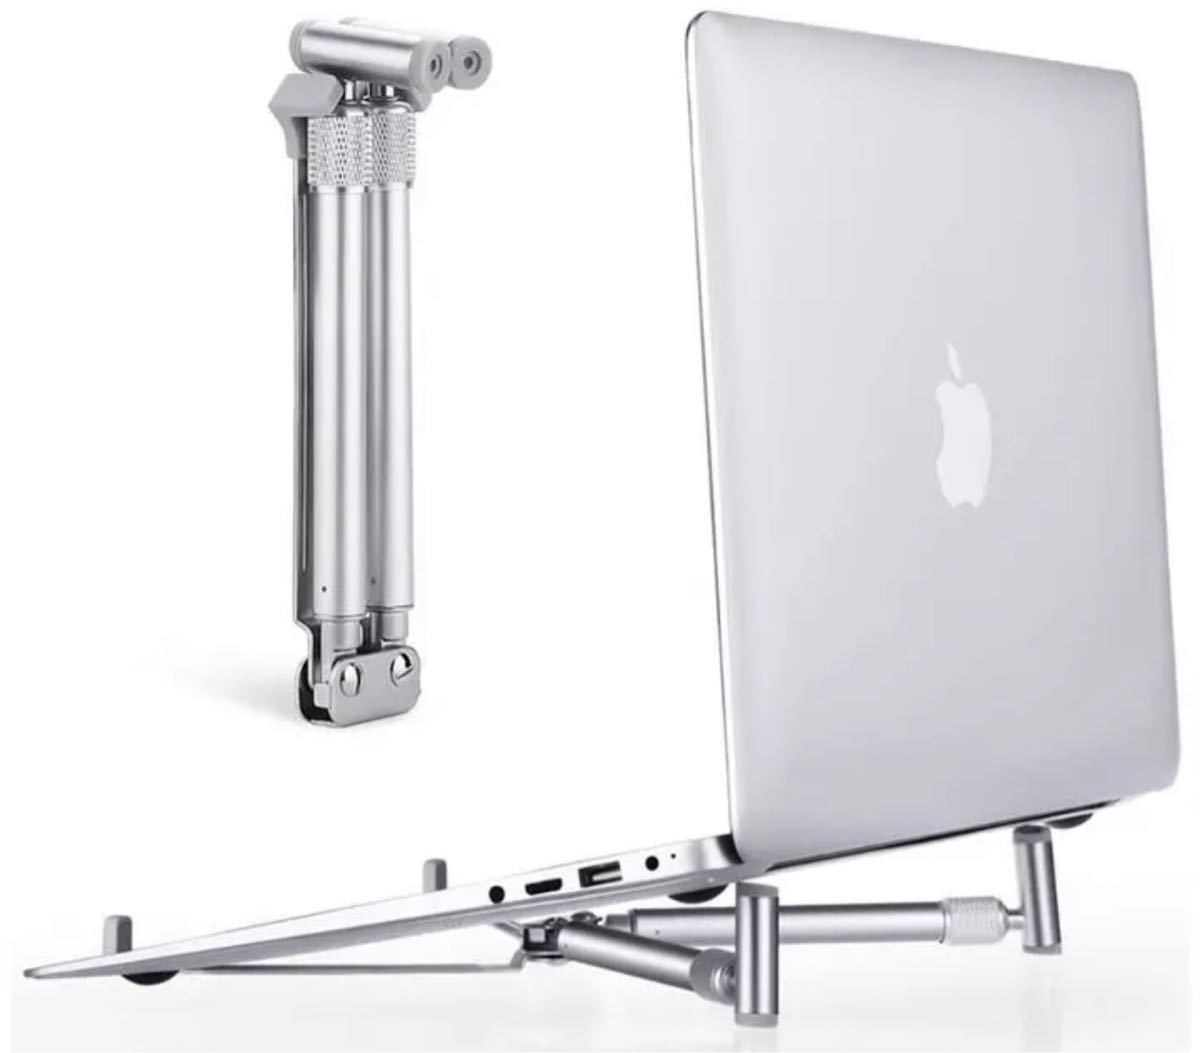 ノートパソコンスタンド 折りたたみ式 滑り止め 安定 サイズ/角度調整可能